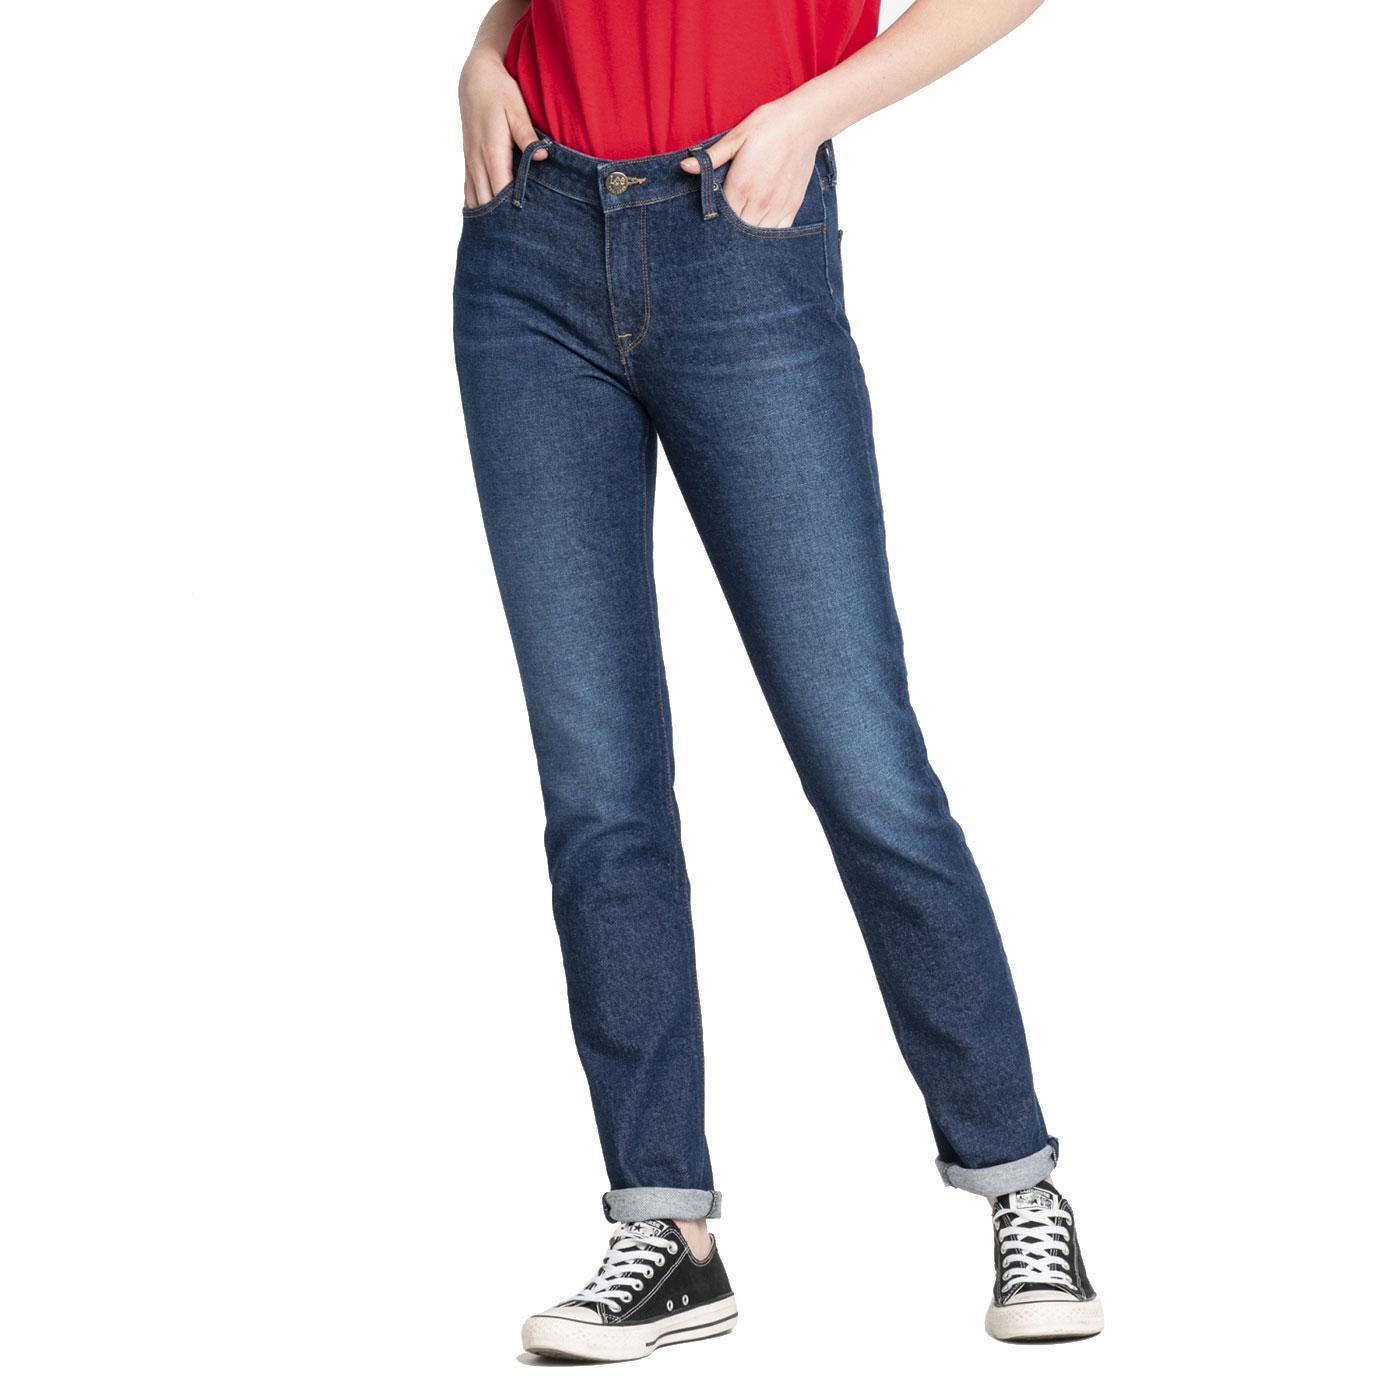 Elly LEE JEANS Womens Slim Denim Jeans DARK GARNER